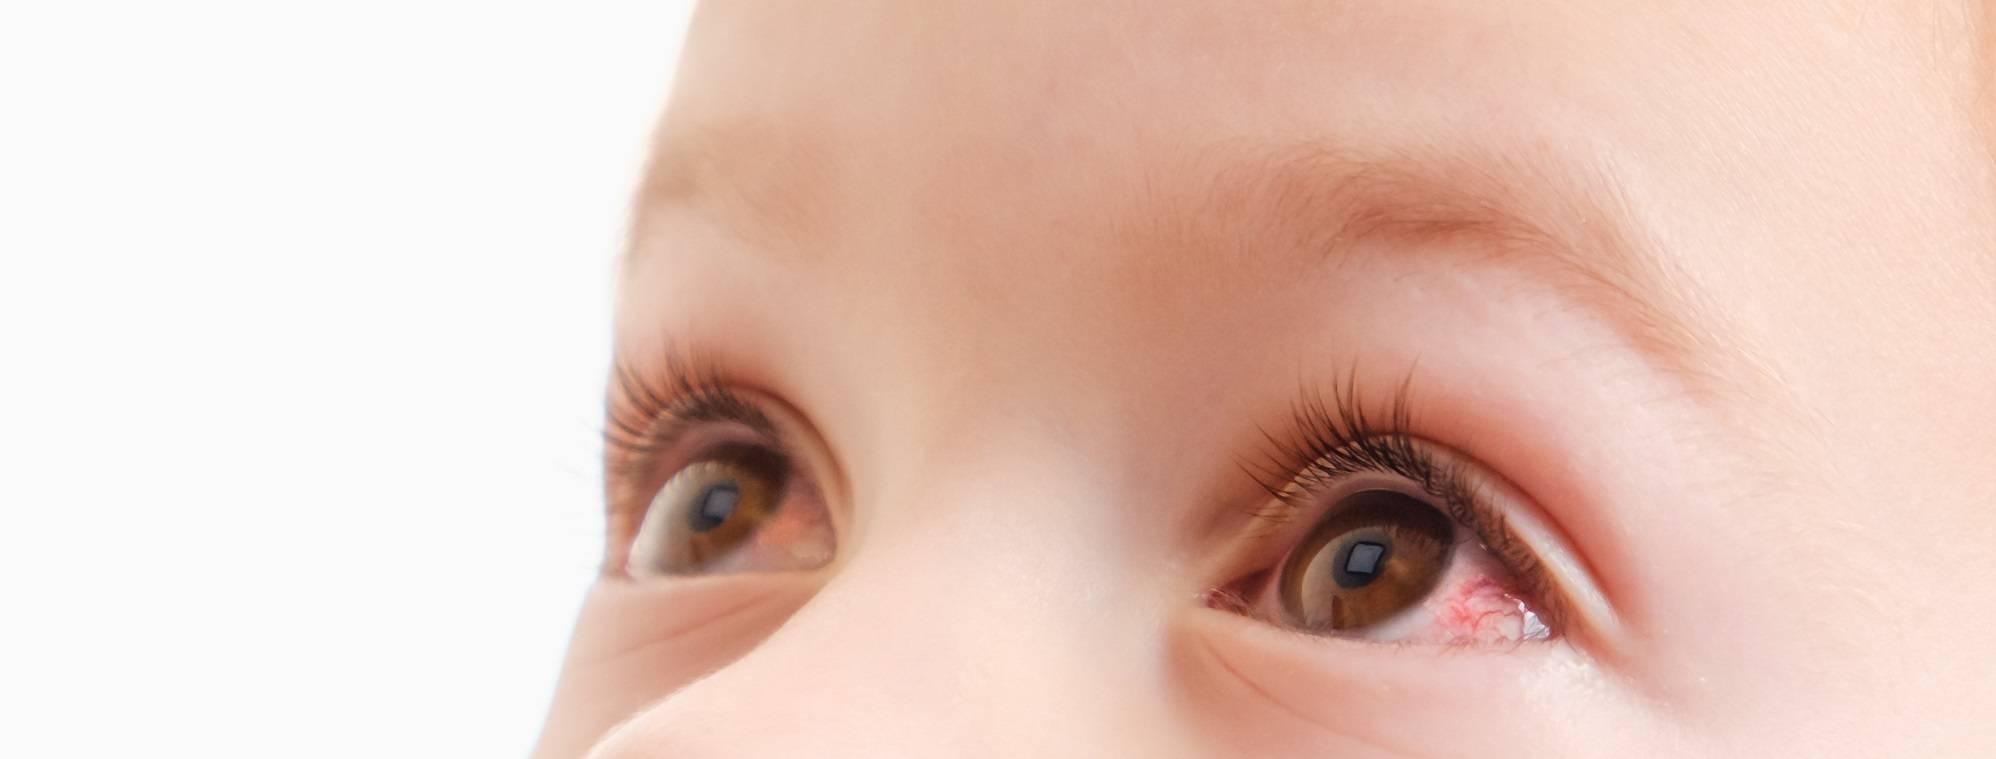 Лопнувший сосуд в глазу у ребенка - причины и лечение